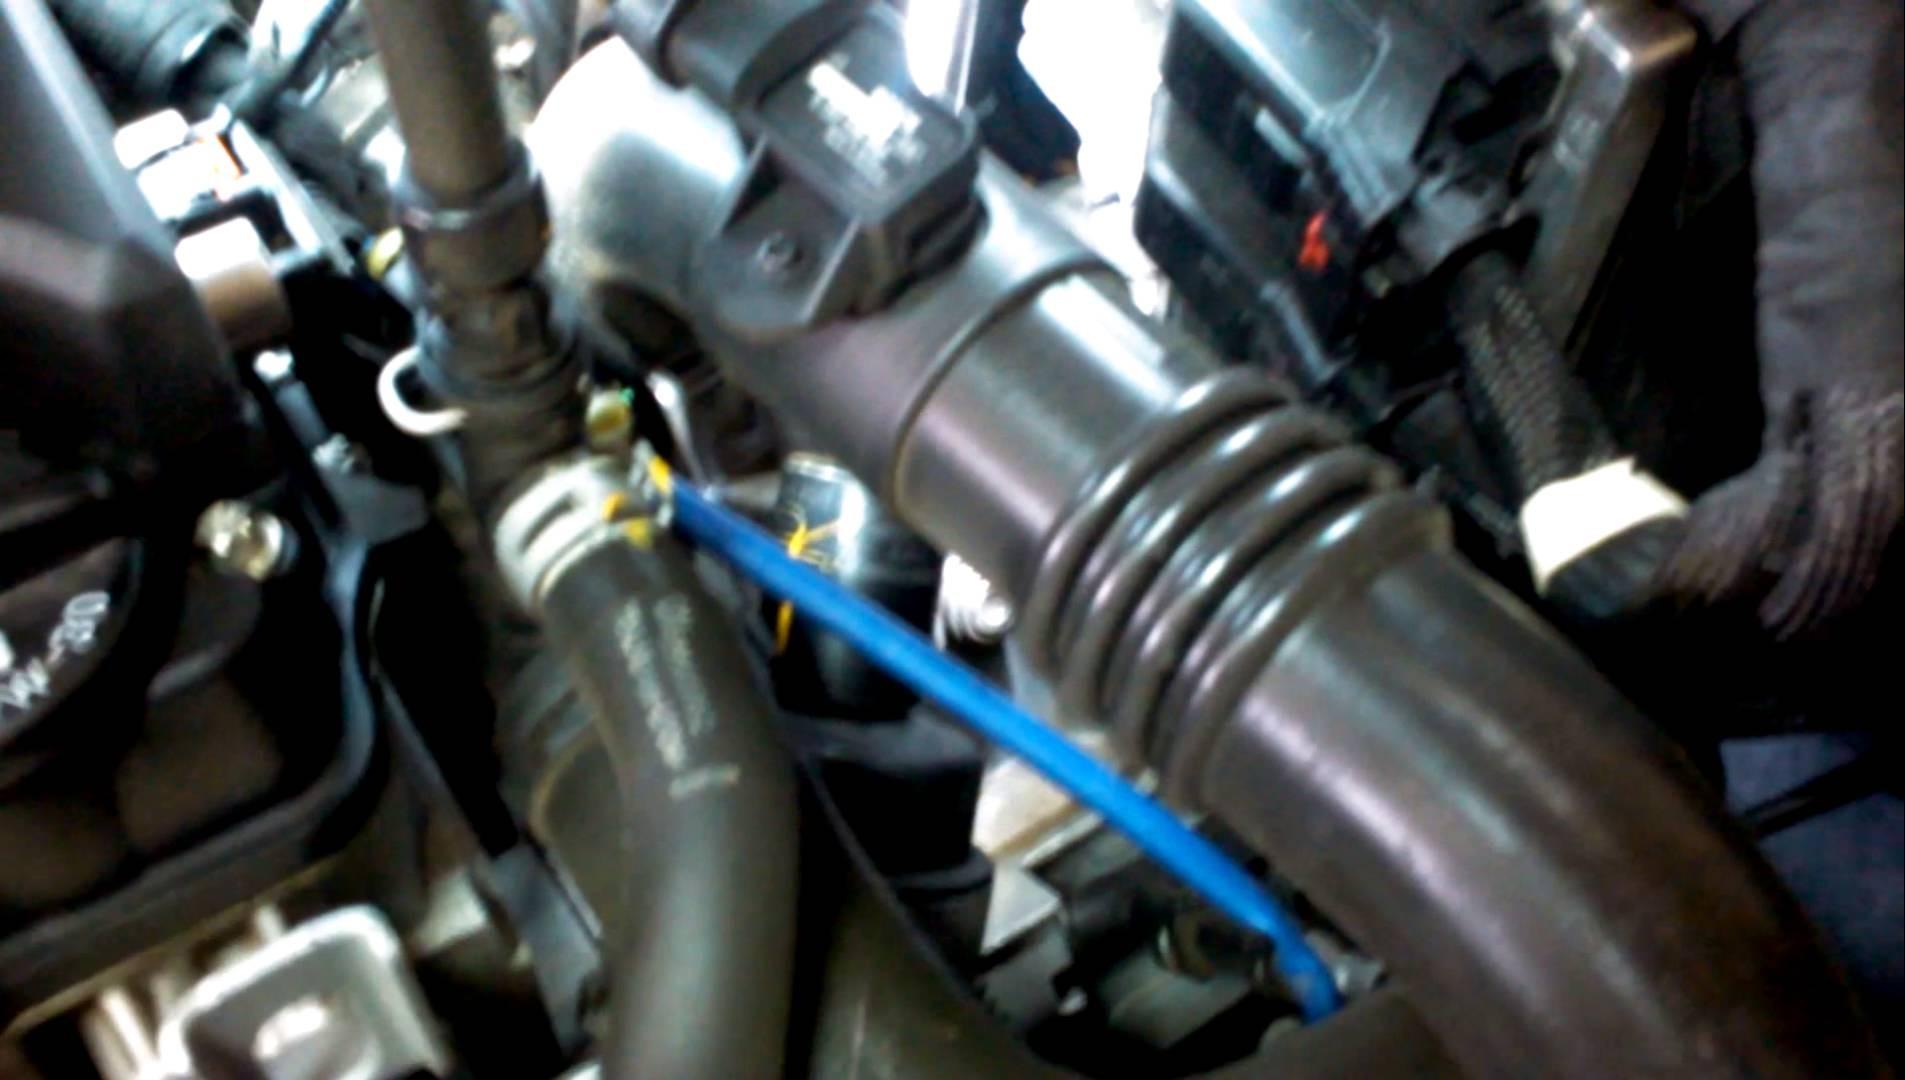 2012 chevy cruze engine diagram 2012 chevy cruze 1 4 turbo oil rh detoxicrecenze com chevy cruze engine diagram 2016 chevy cruze engine diagram